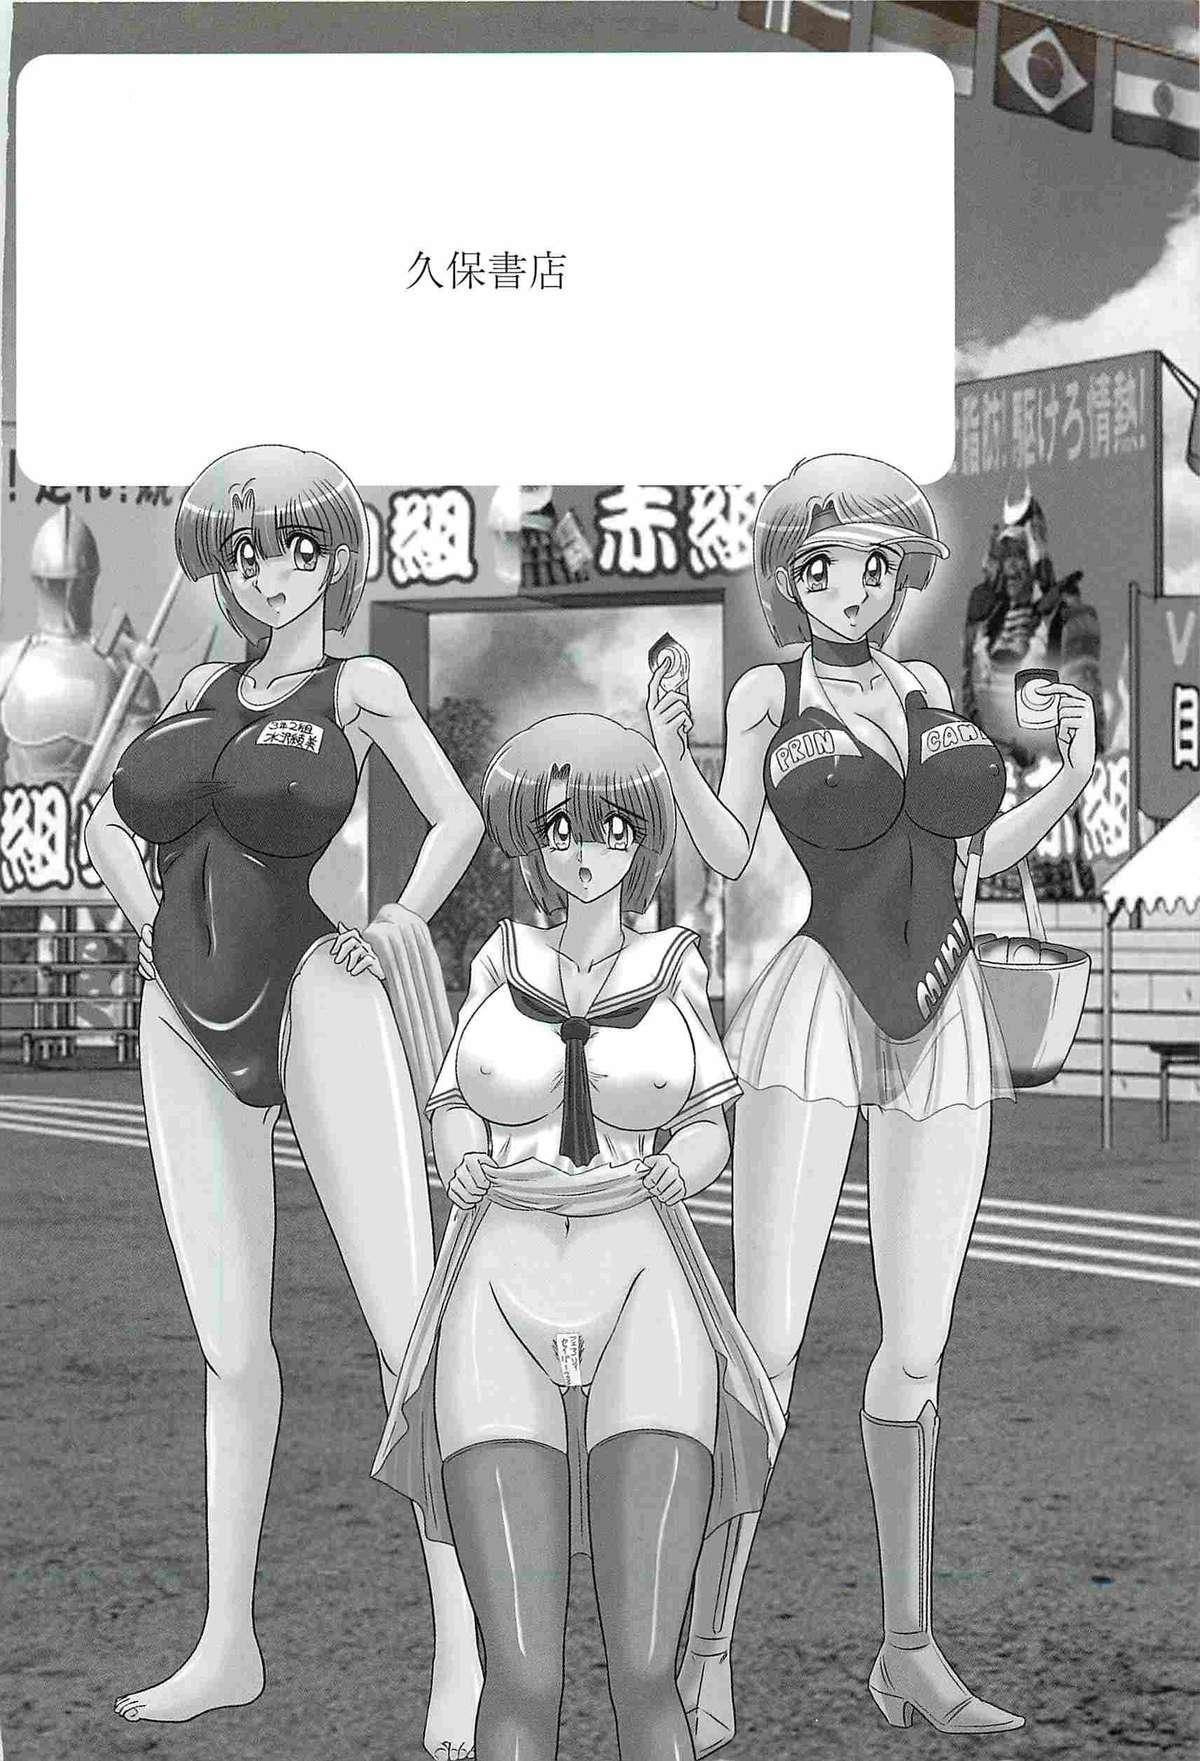 Seirei Tokusou Fairy Saber W - Undead Rape 3